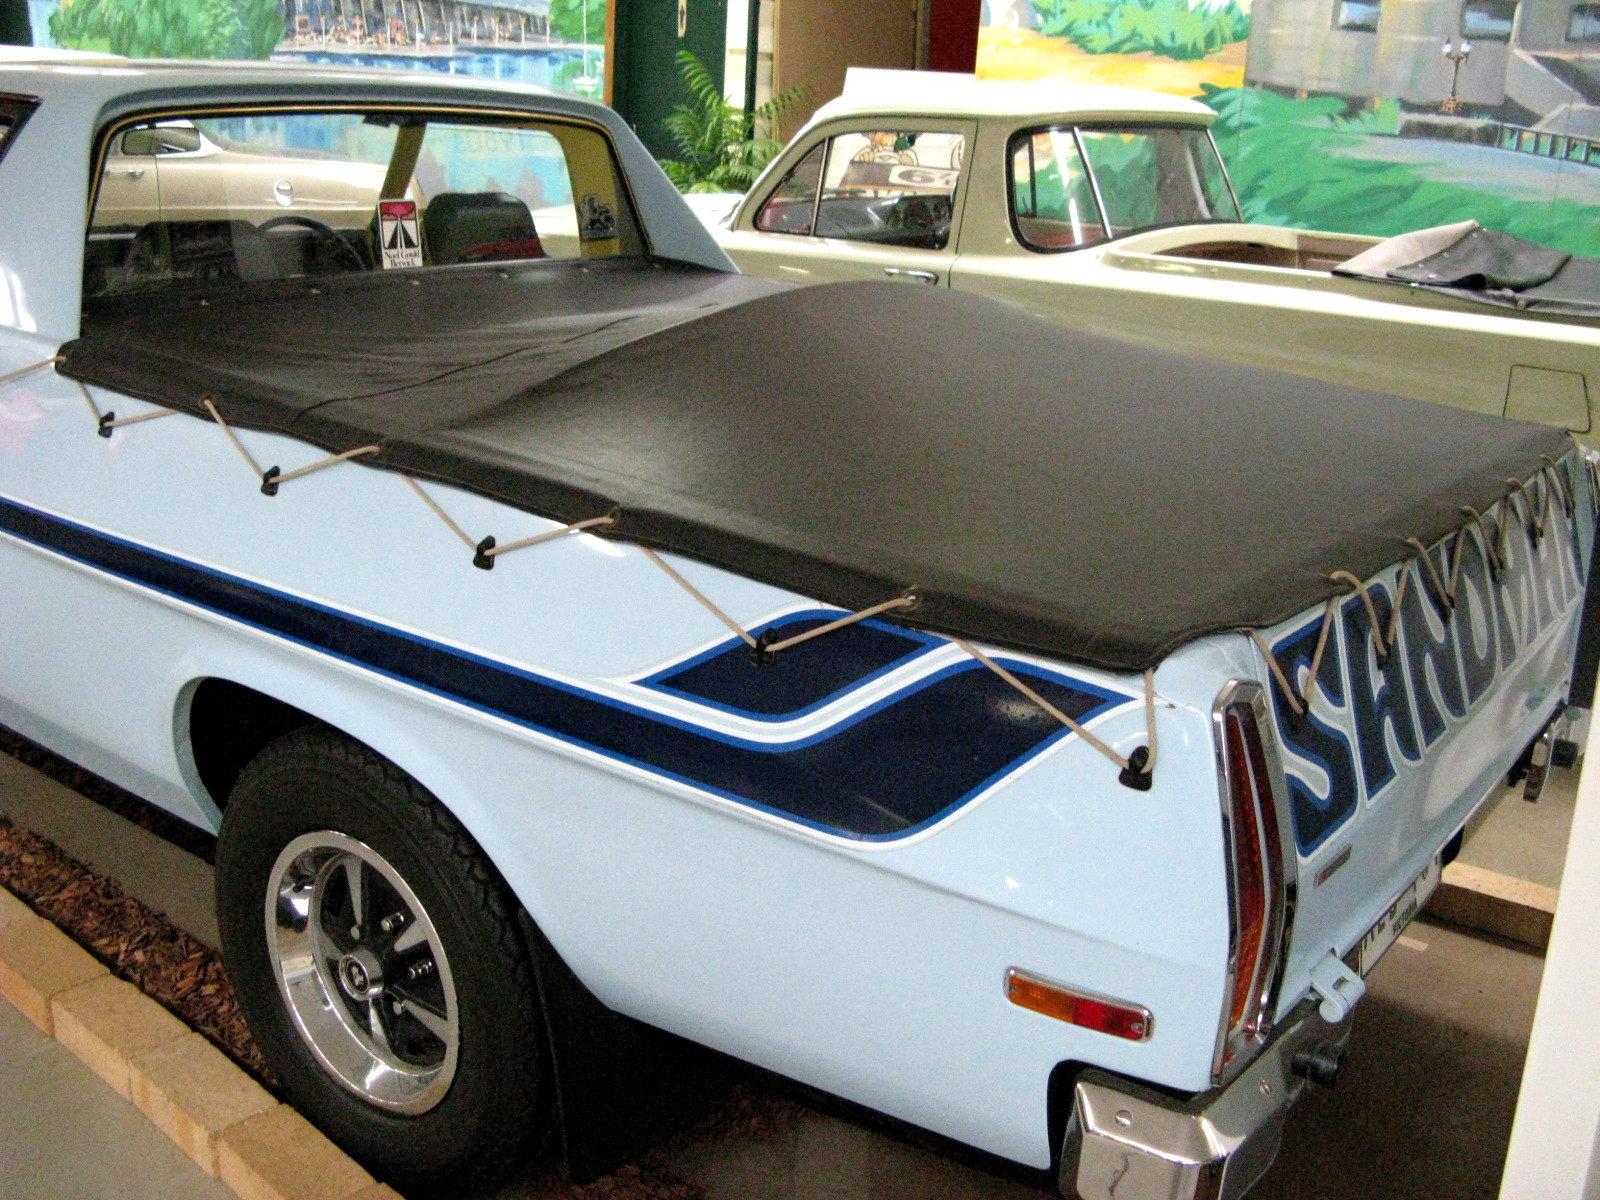 Chevy Work Vans For Sale File:Holden HZ Sandman Ute 1977 02.jpg - Wikimedia Commons